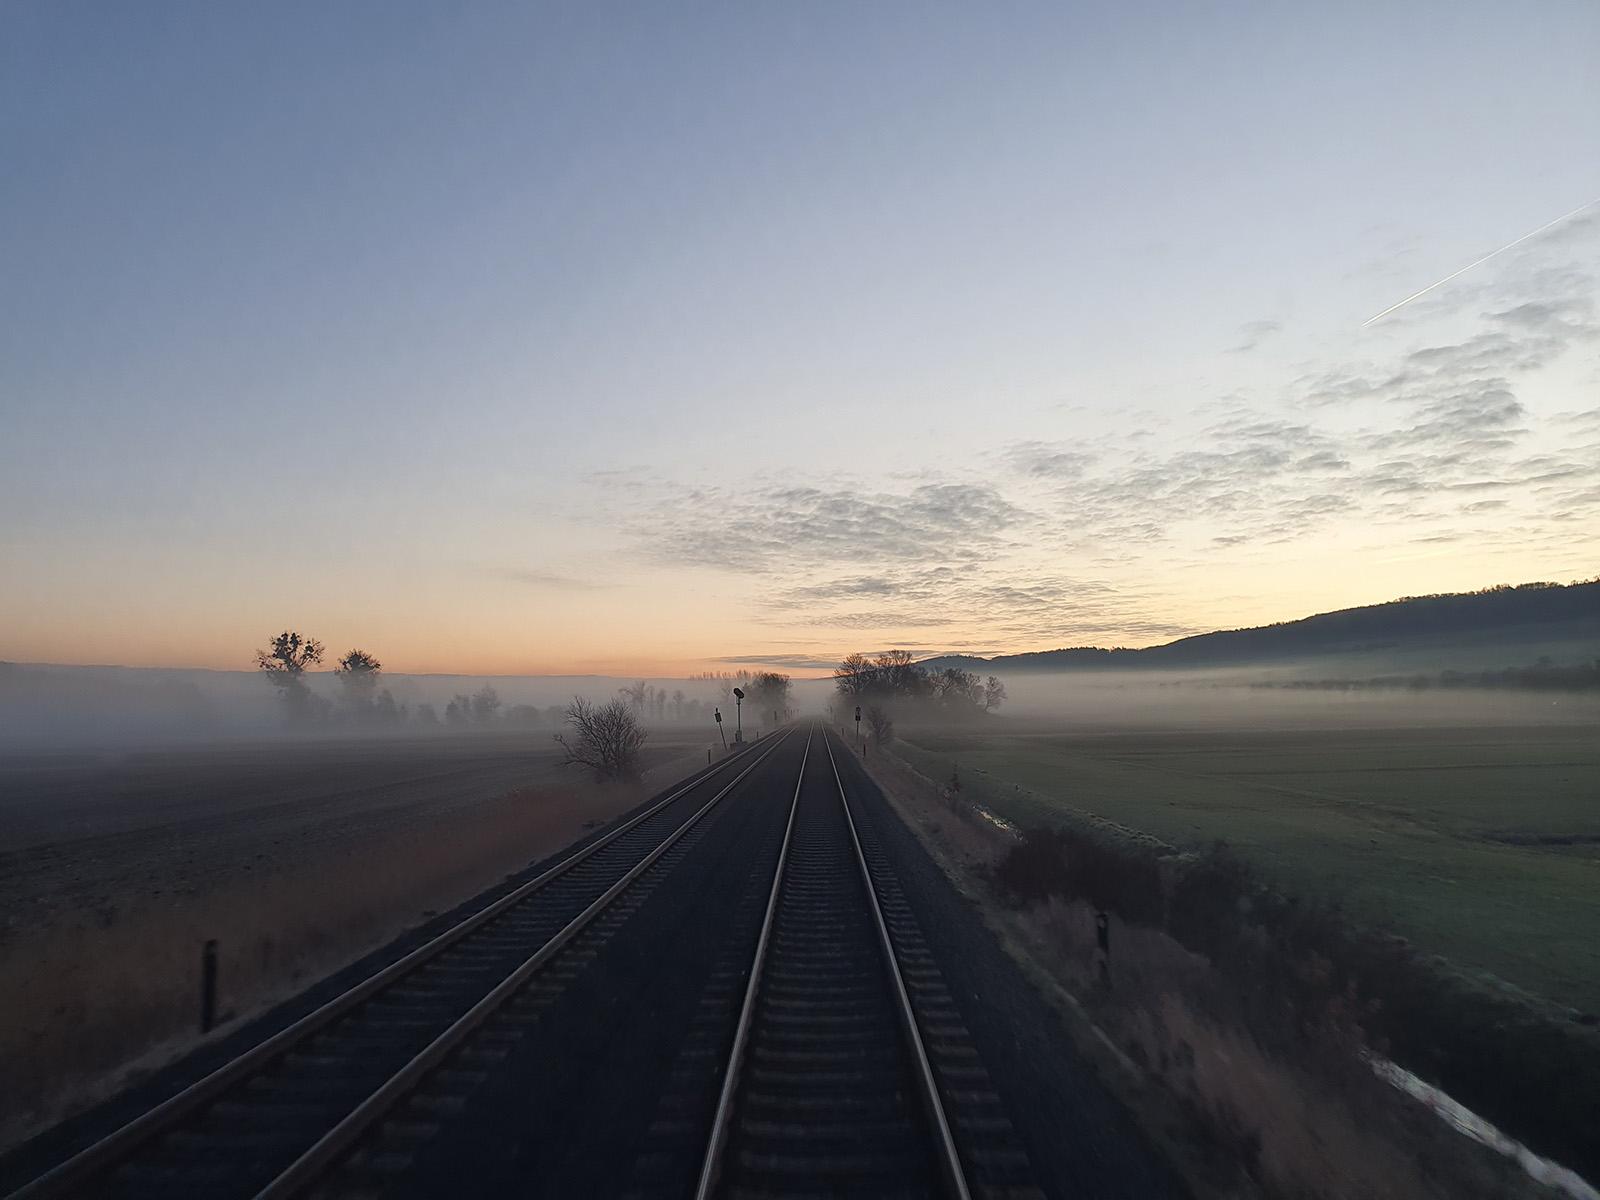 ©Foto: Daniel Grenzdörfer | railmen | Das Foto ist auf der Fahrt nach Hannover mit der RE10 Bad Harzburg-Hannover mit einem Lint 54, zwischen Bhf Goslar und den Bhf Salzgitter-Ringelheim, entstanden.